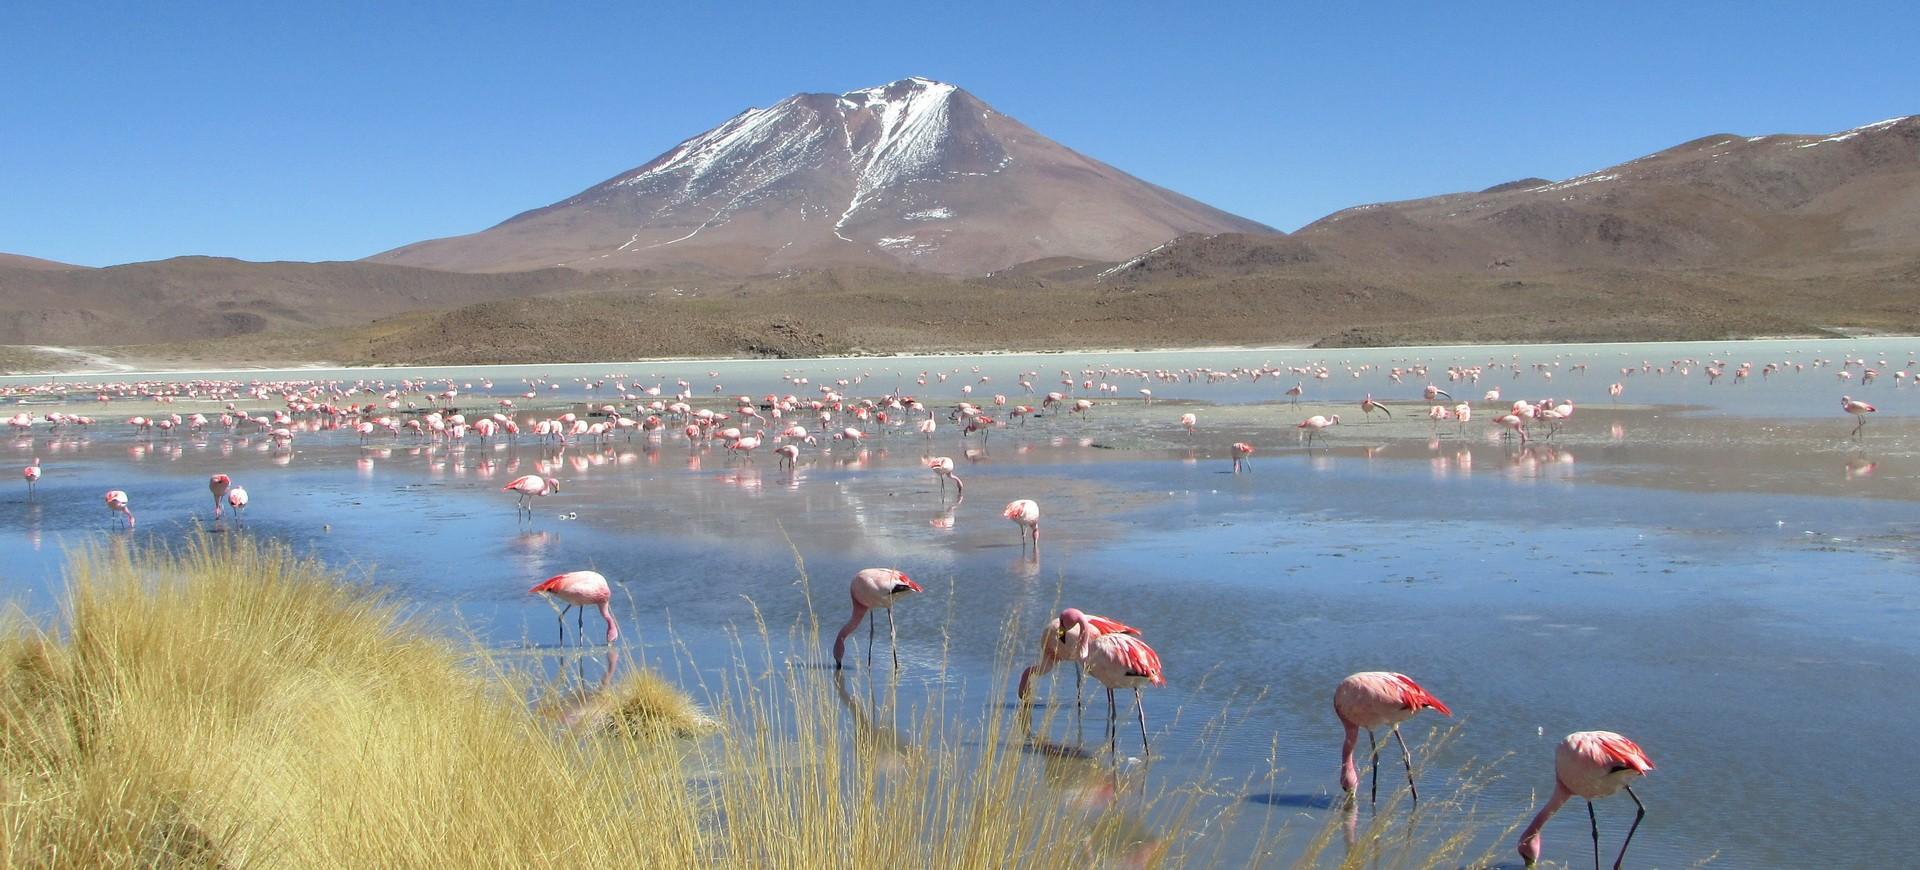 Flamants Rose dans la Laguna Hedionda en Bolivie